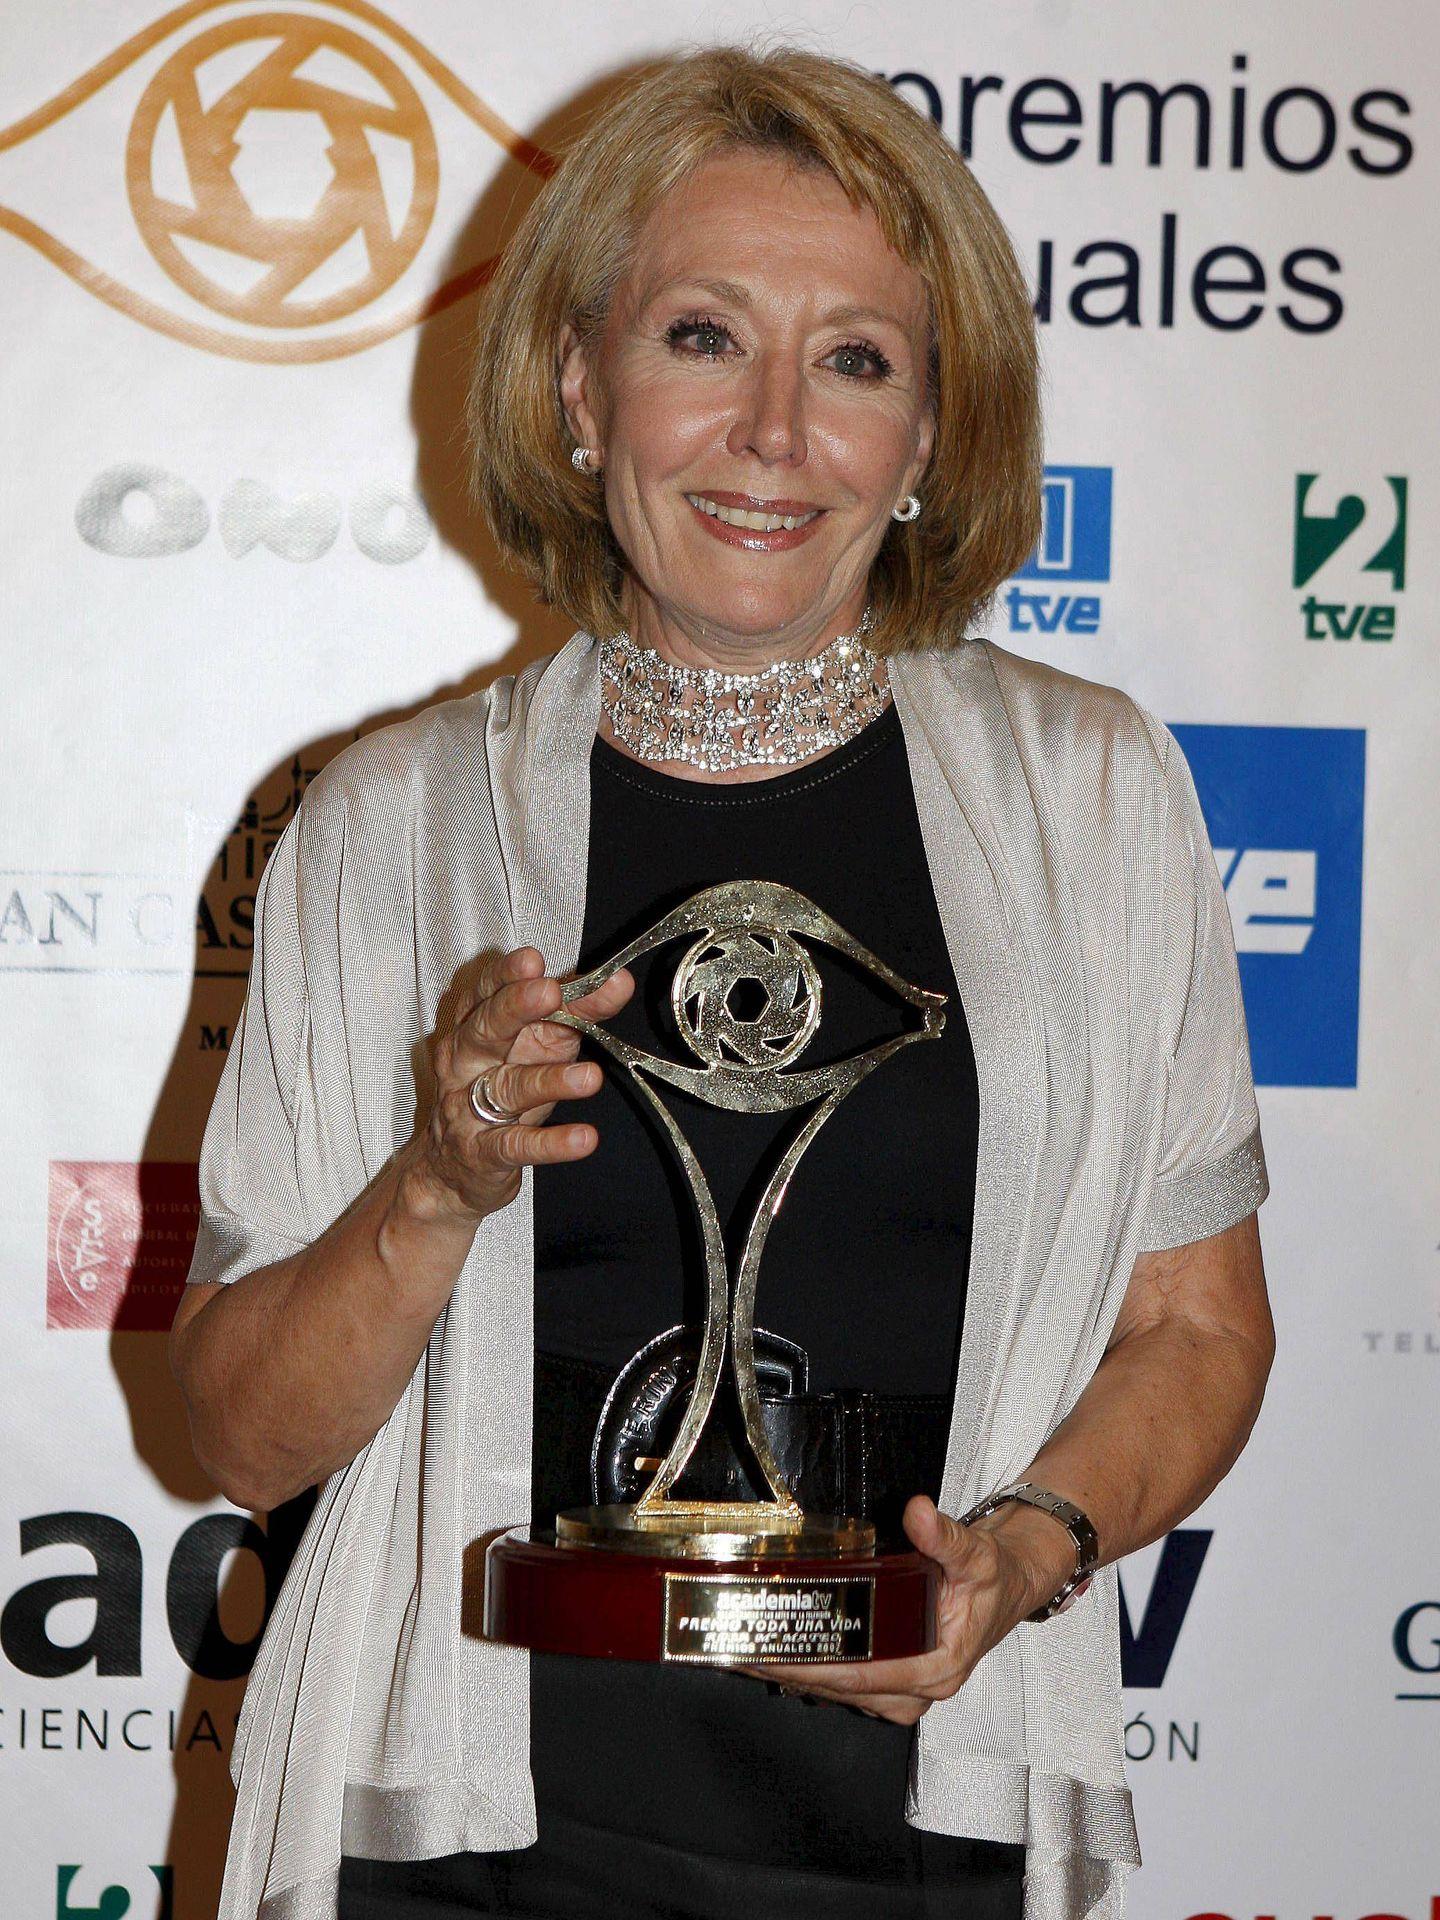 Rosa María Mateo, el 2 de julio de 2008, cuando recibió el Premio Toda Una Vida de la Academia de TV, en Aranjuez, Madrid. (EFE)